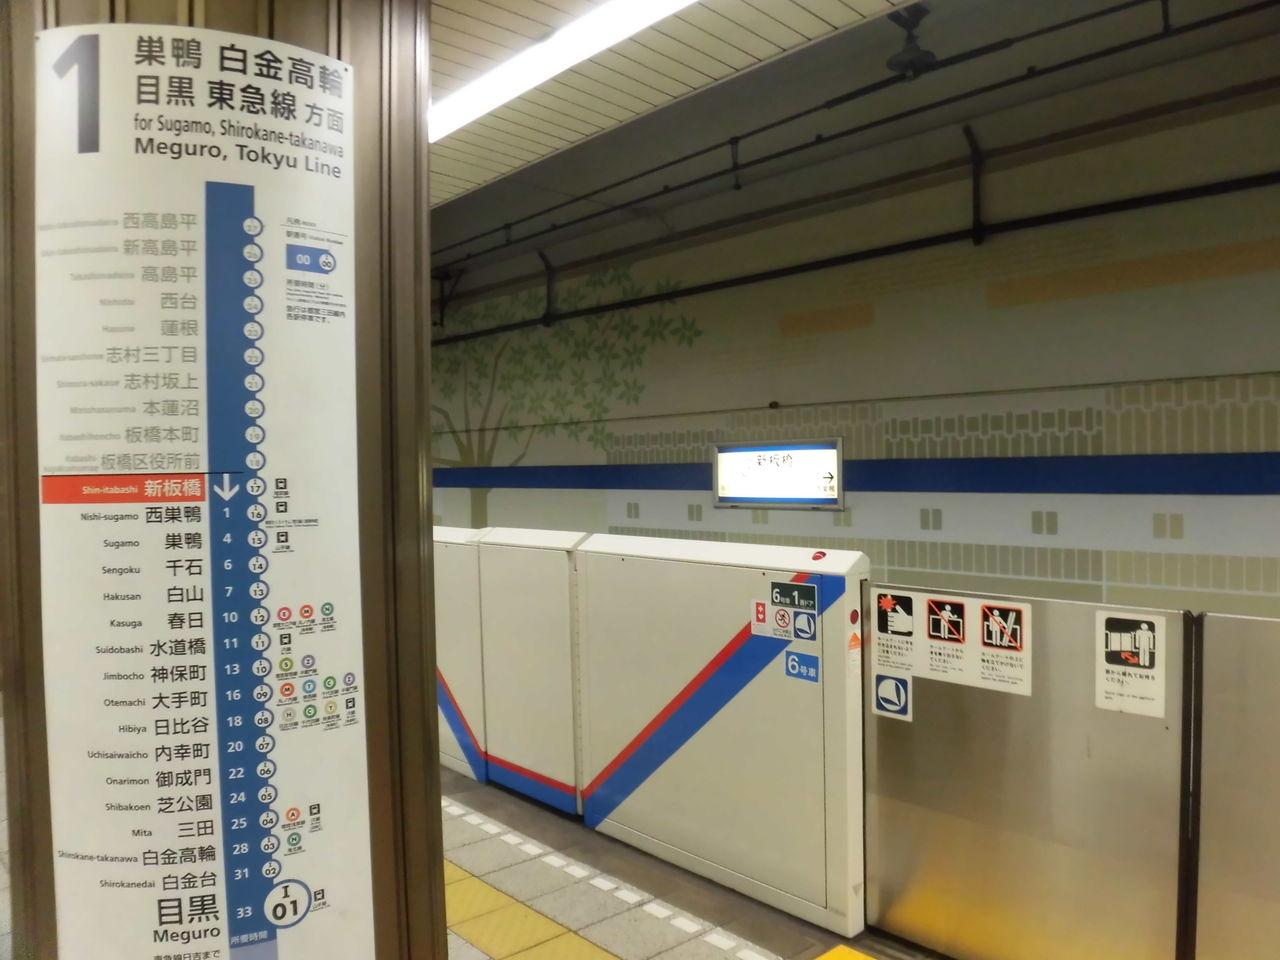 都営地下鉄三田線 新板橋駅